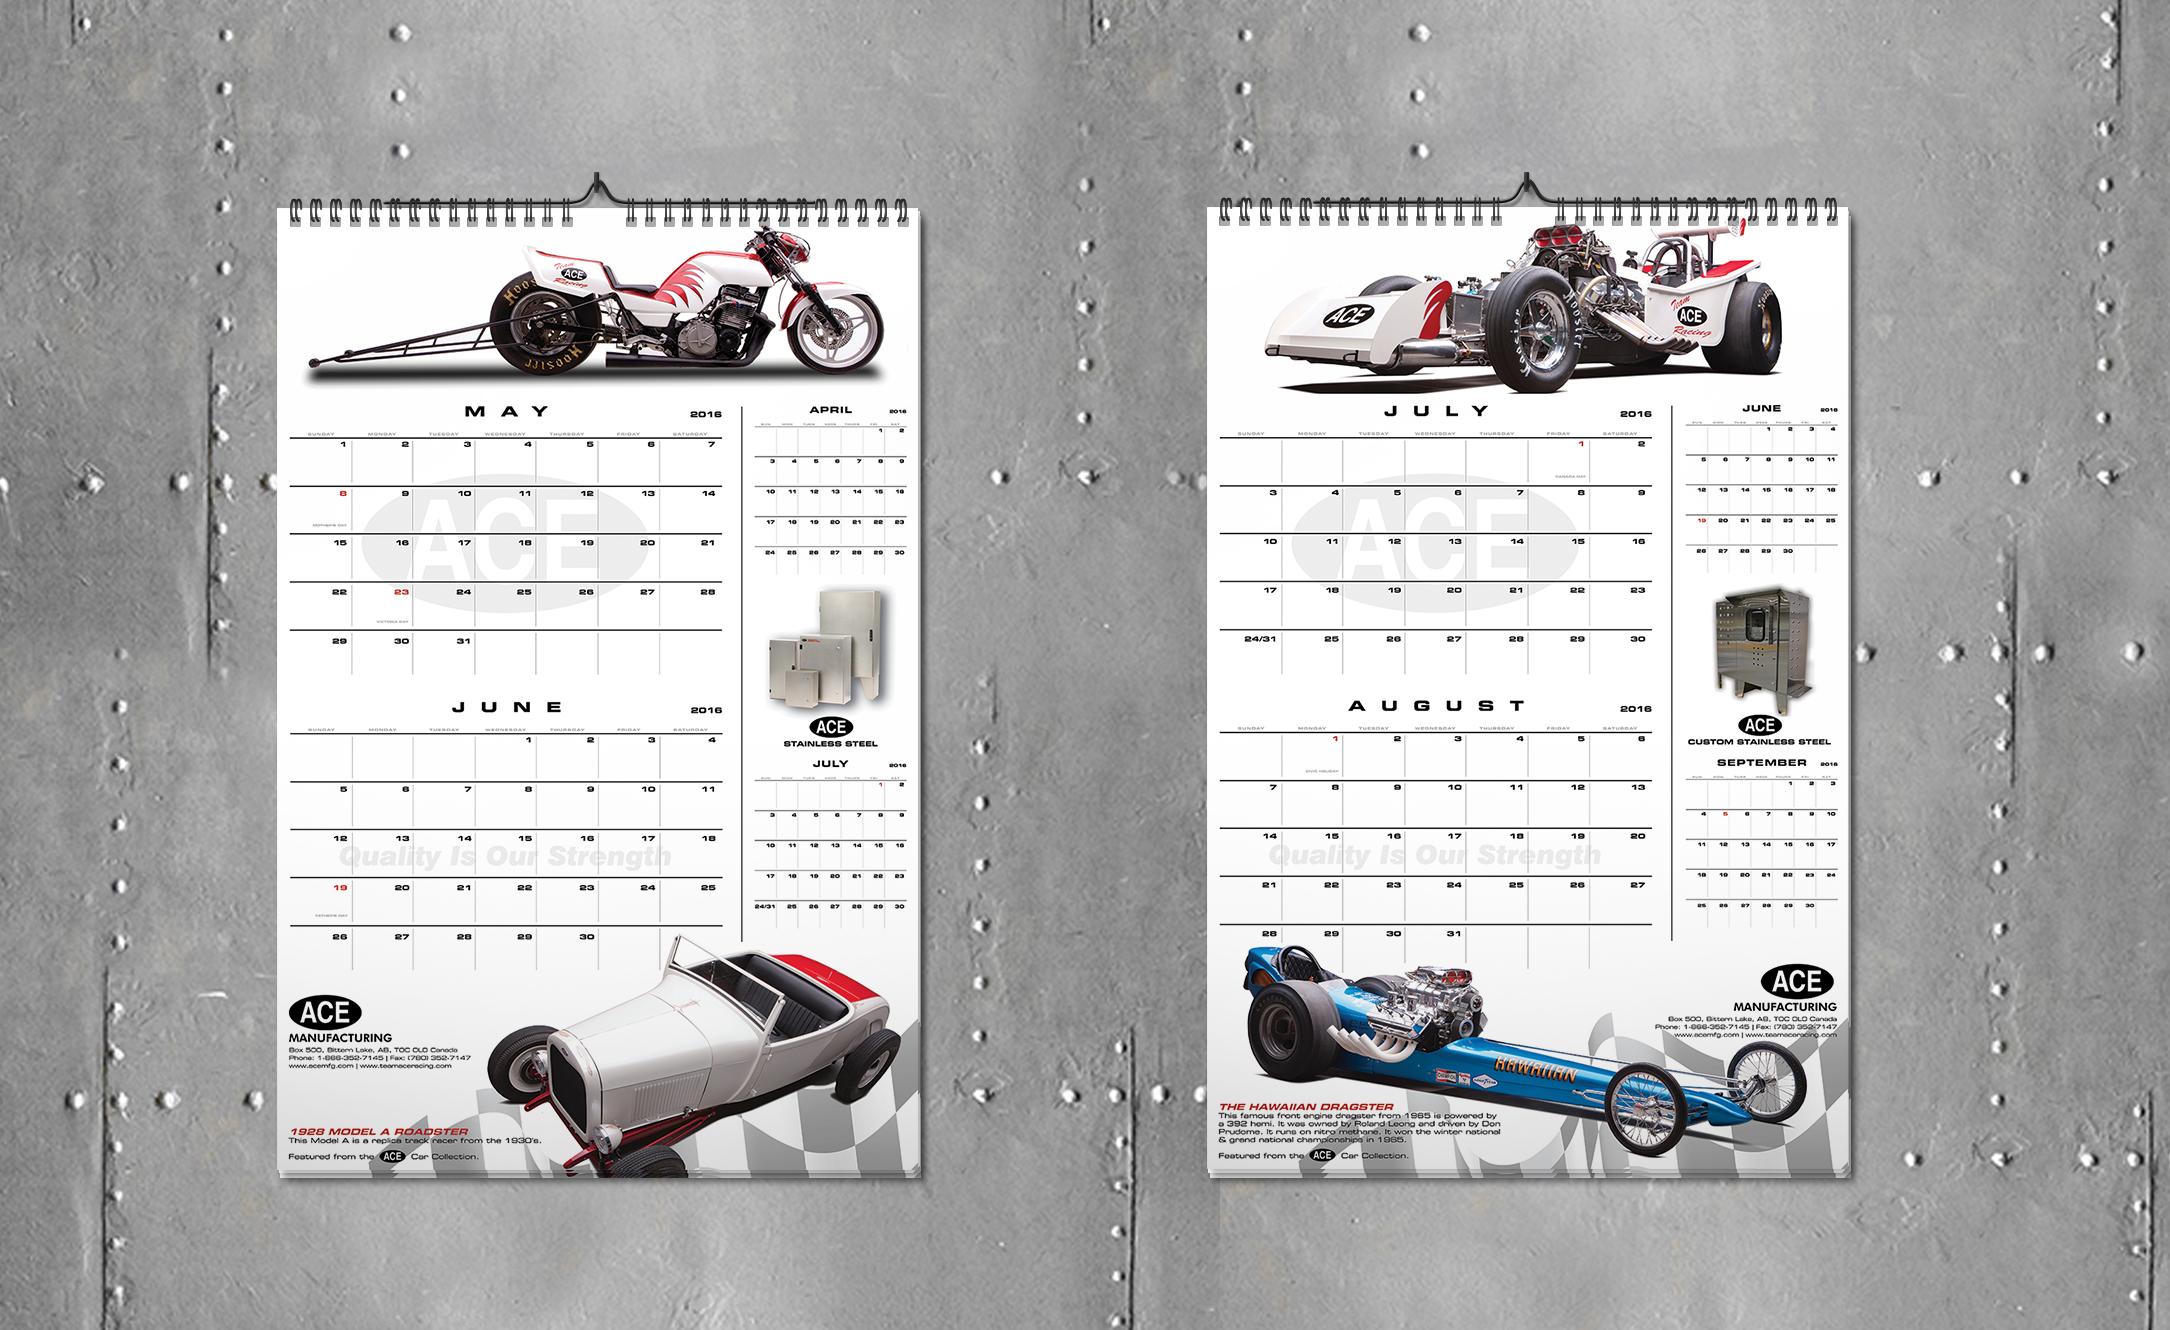 Wall-Calendar-Mockup-3.png